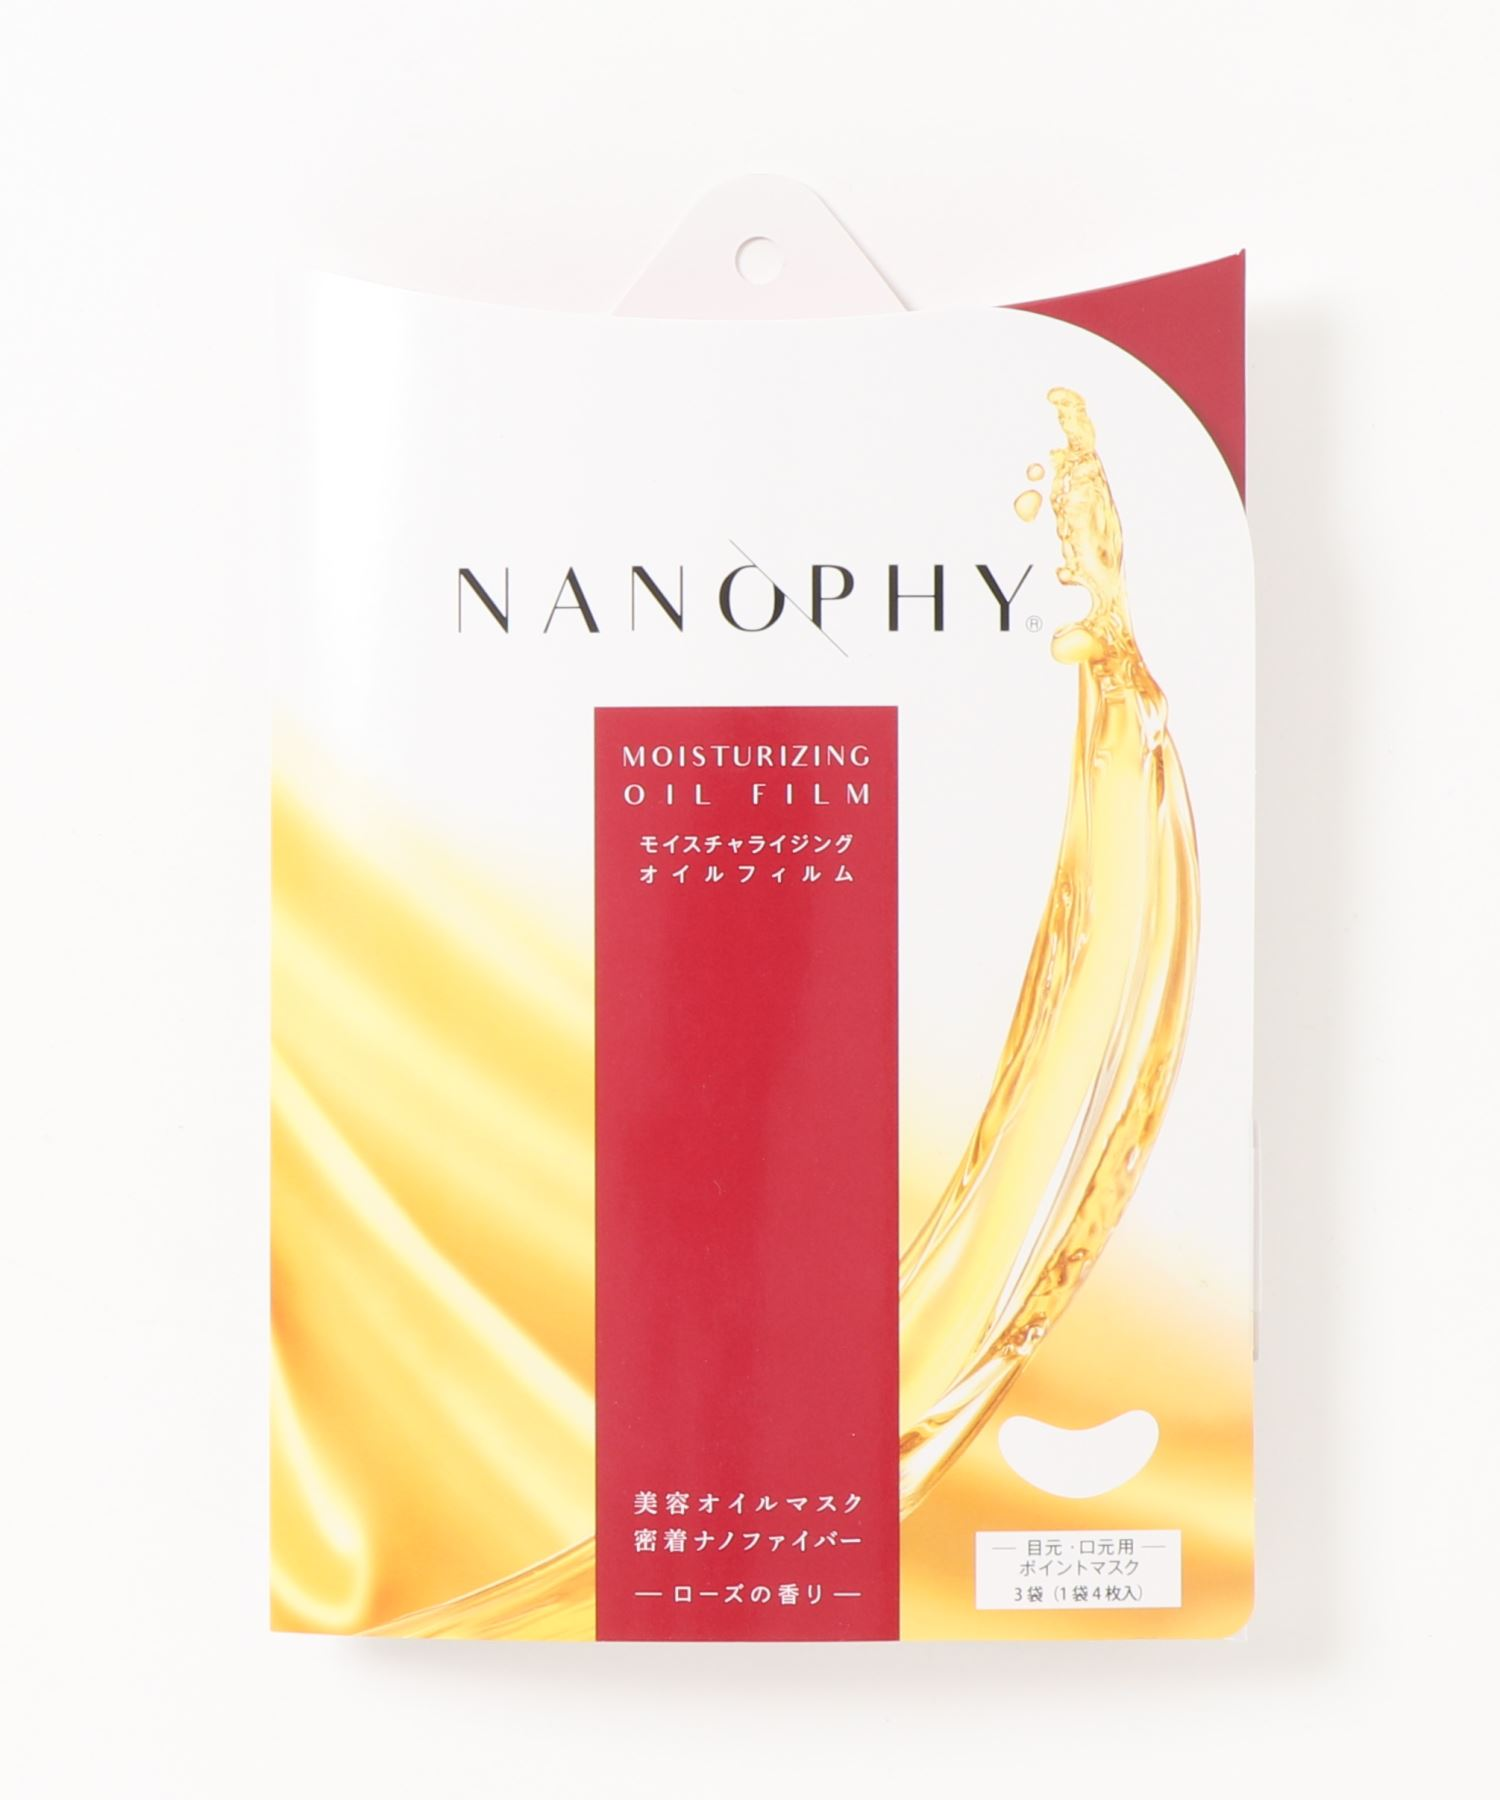 【 NANOPHY / ナノフィー 】MOISTURIZING OIL FILM ポイントマスク(目元・口元用) / デコルテマスク(首・胸元用)